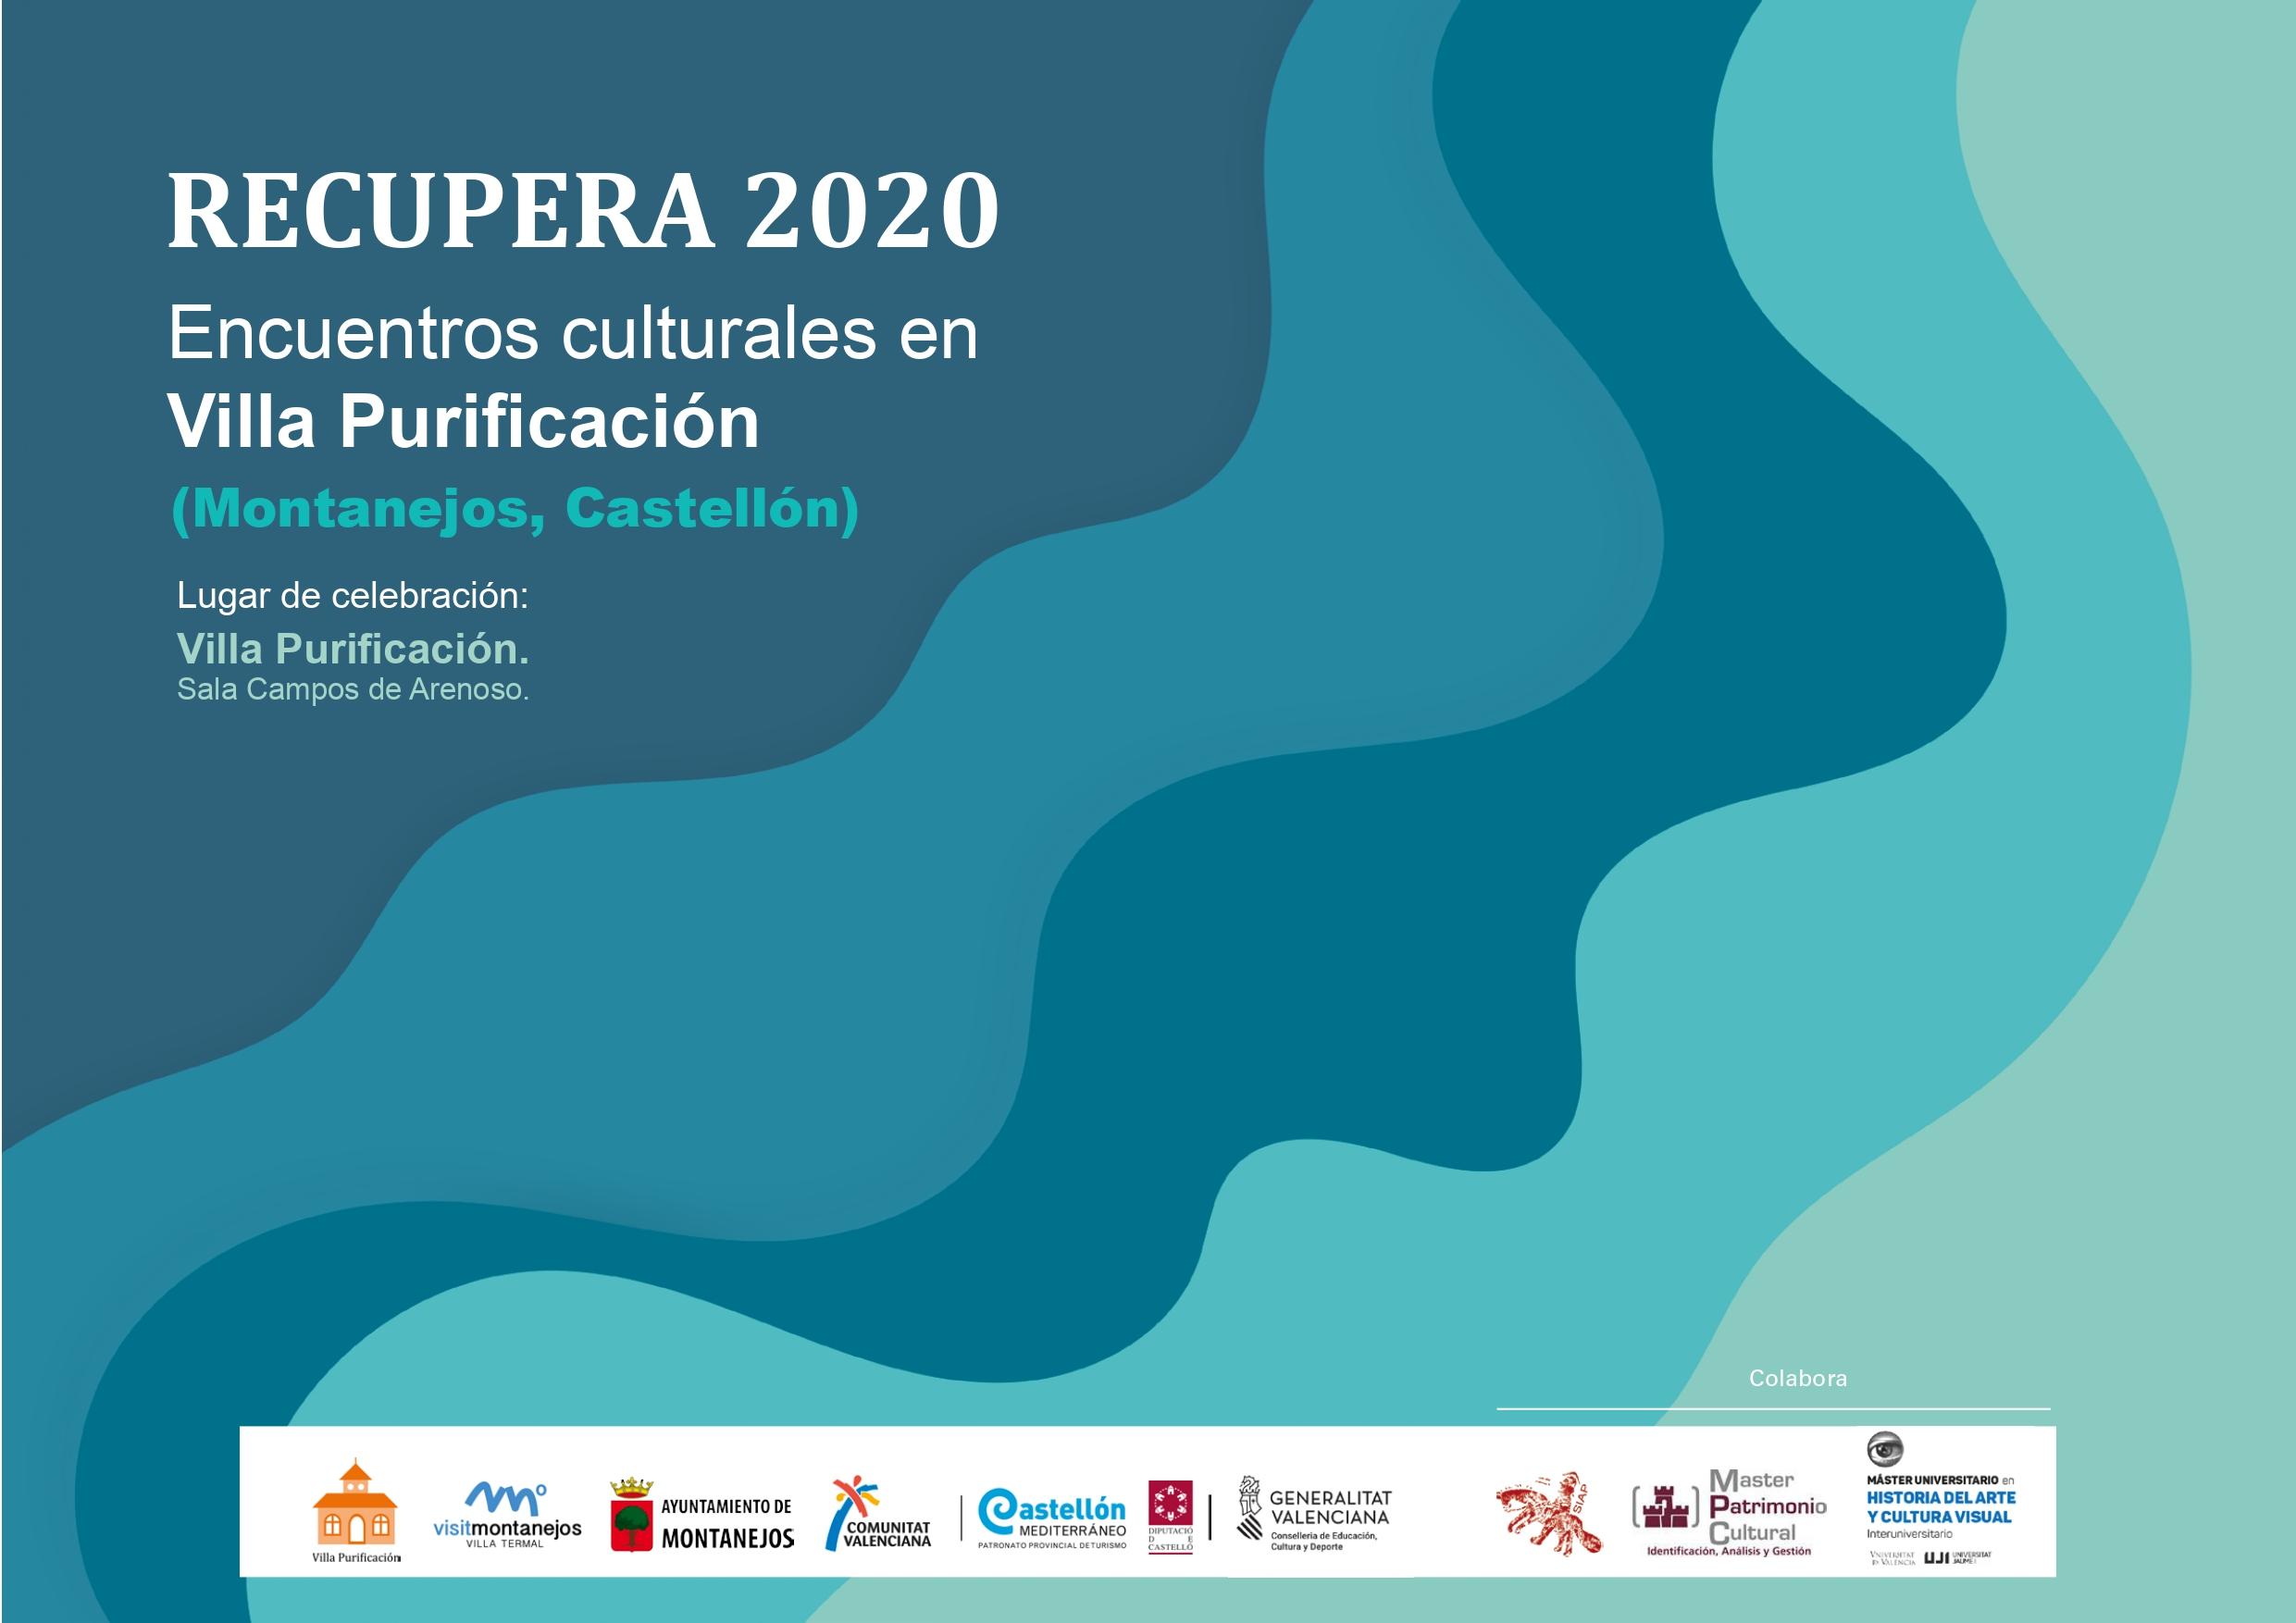 (Español) RECUPERA 2020